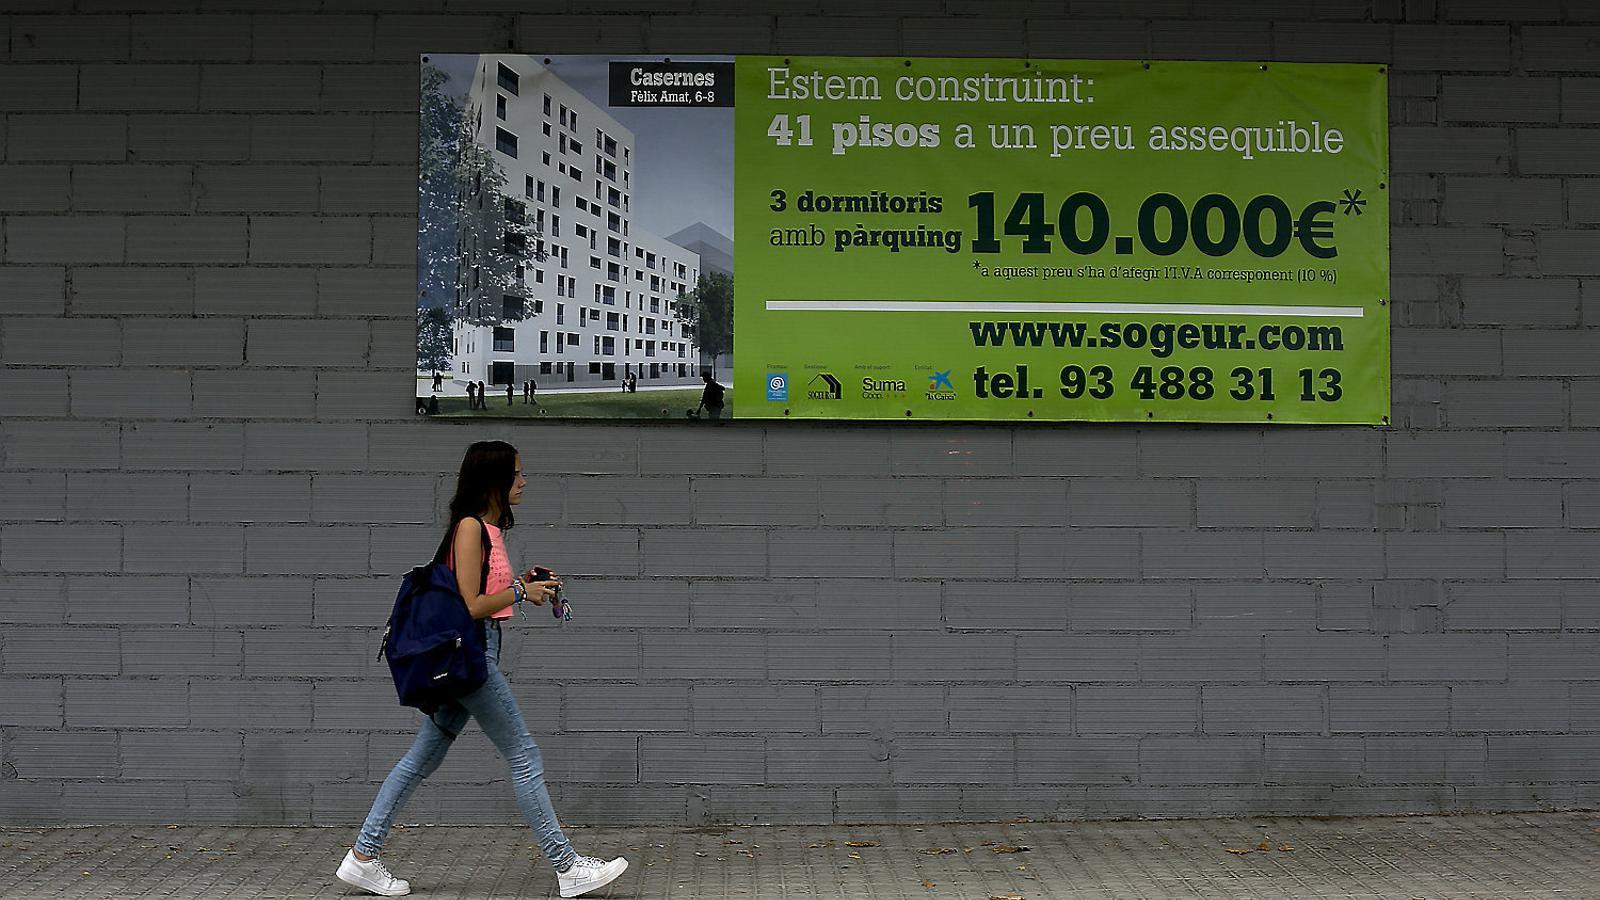 Primera victòria per als afectats per les hipoteques IRPH: l'advocat de la UE diu que es poden anul·lar per abusives